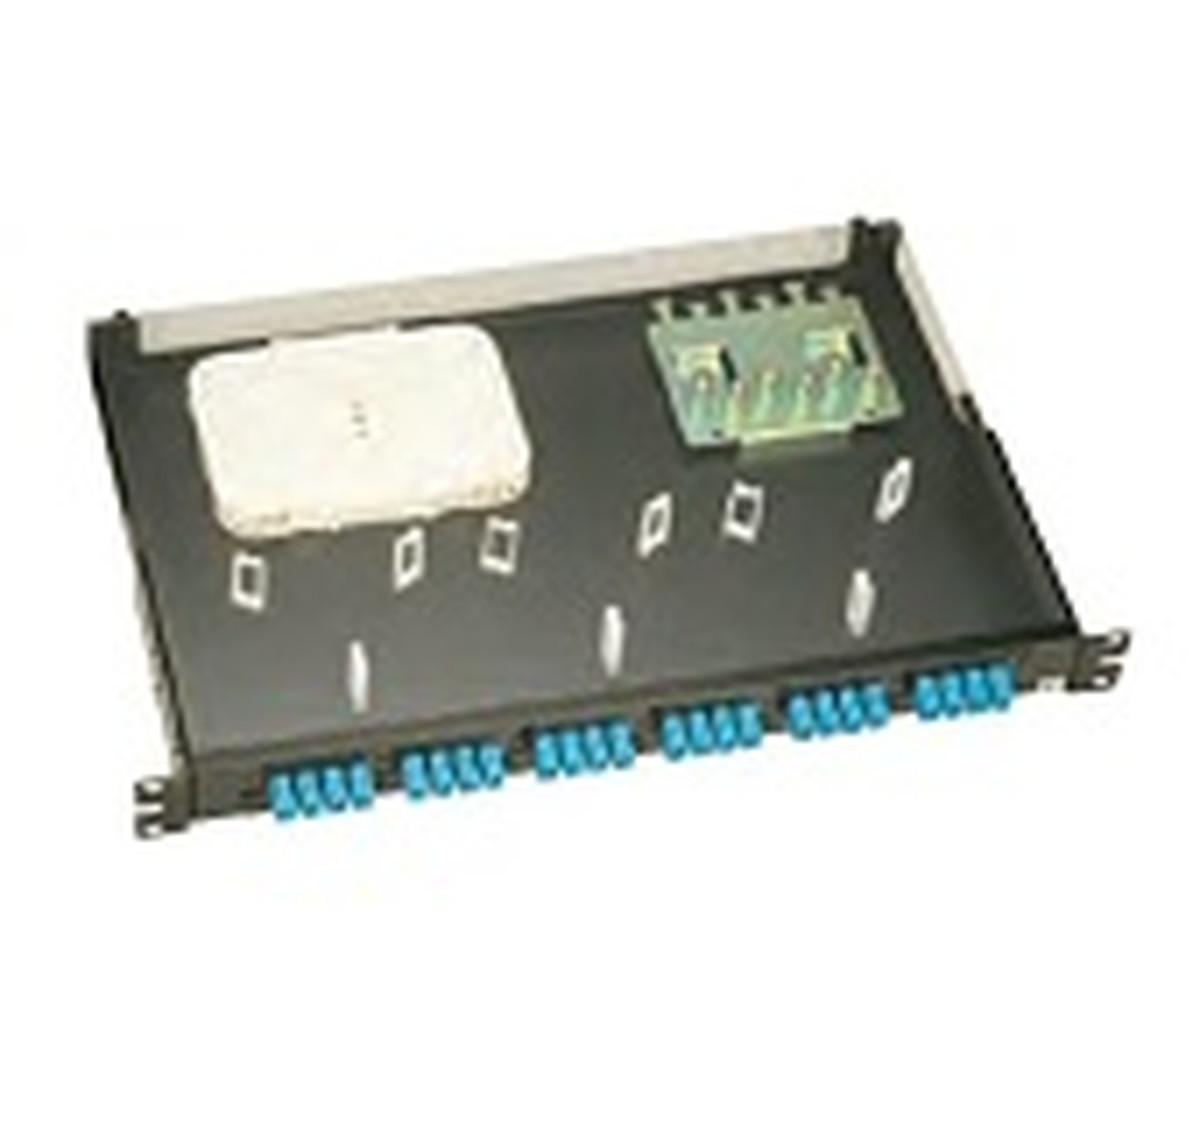 寺田電機 FPD10204T FPD 1U 4芯 SC テープ芯線用